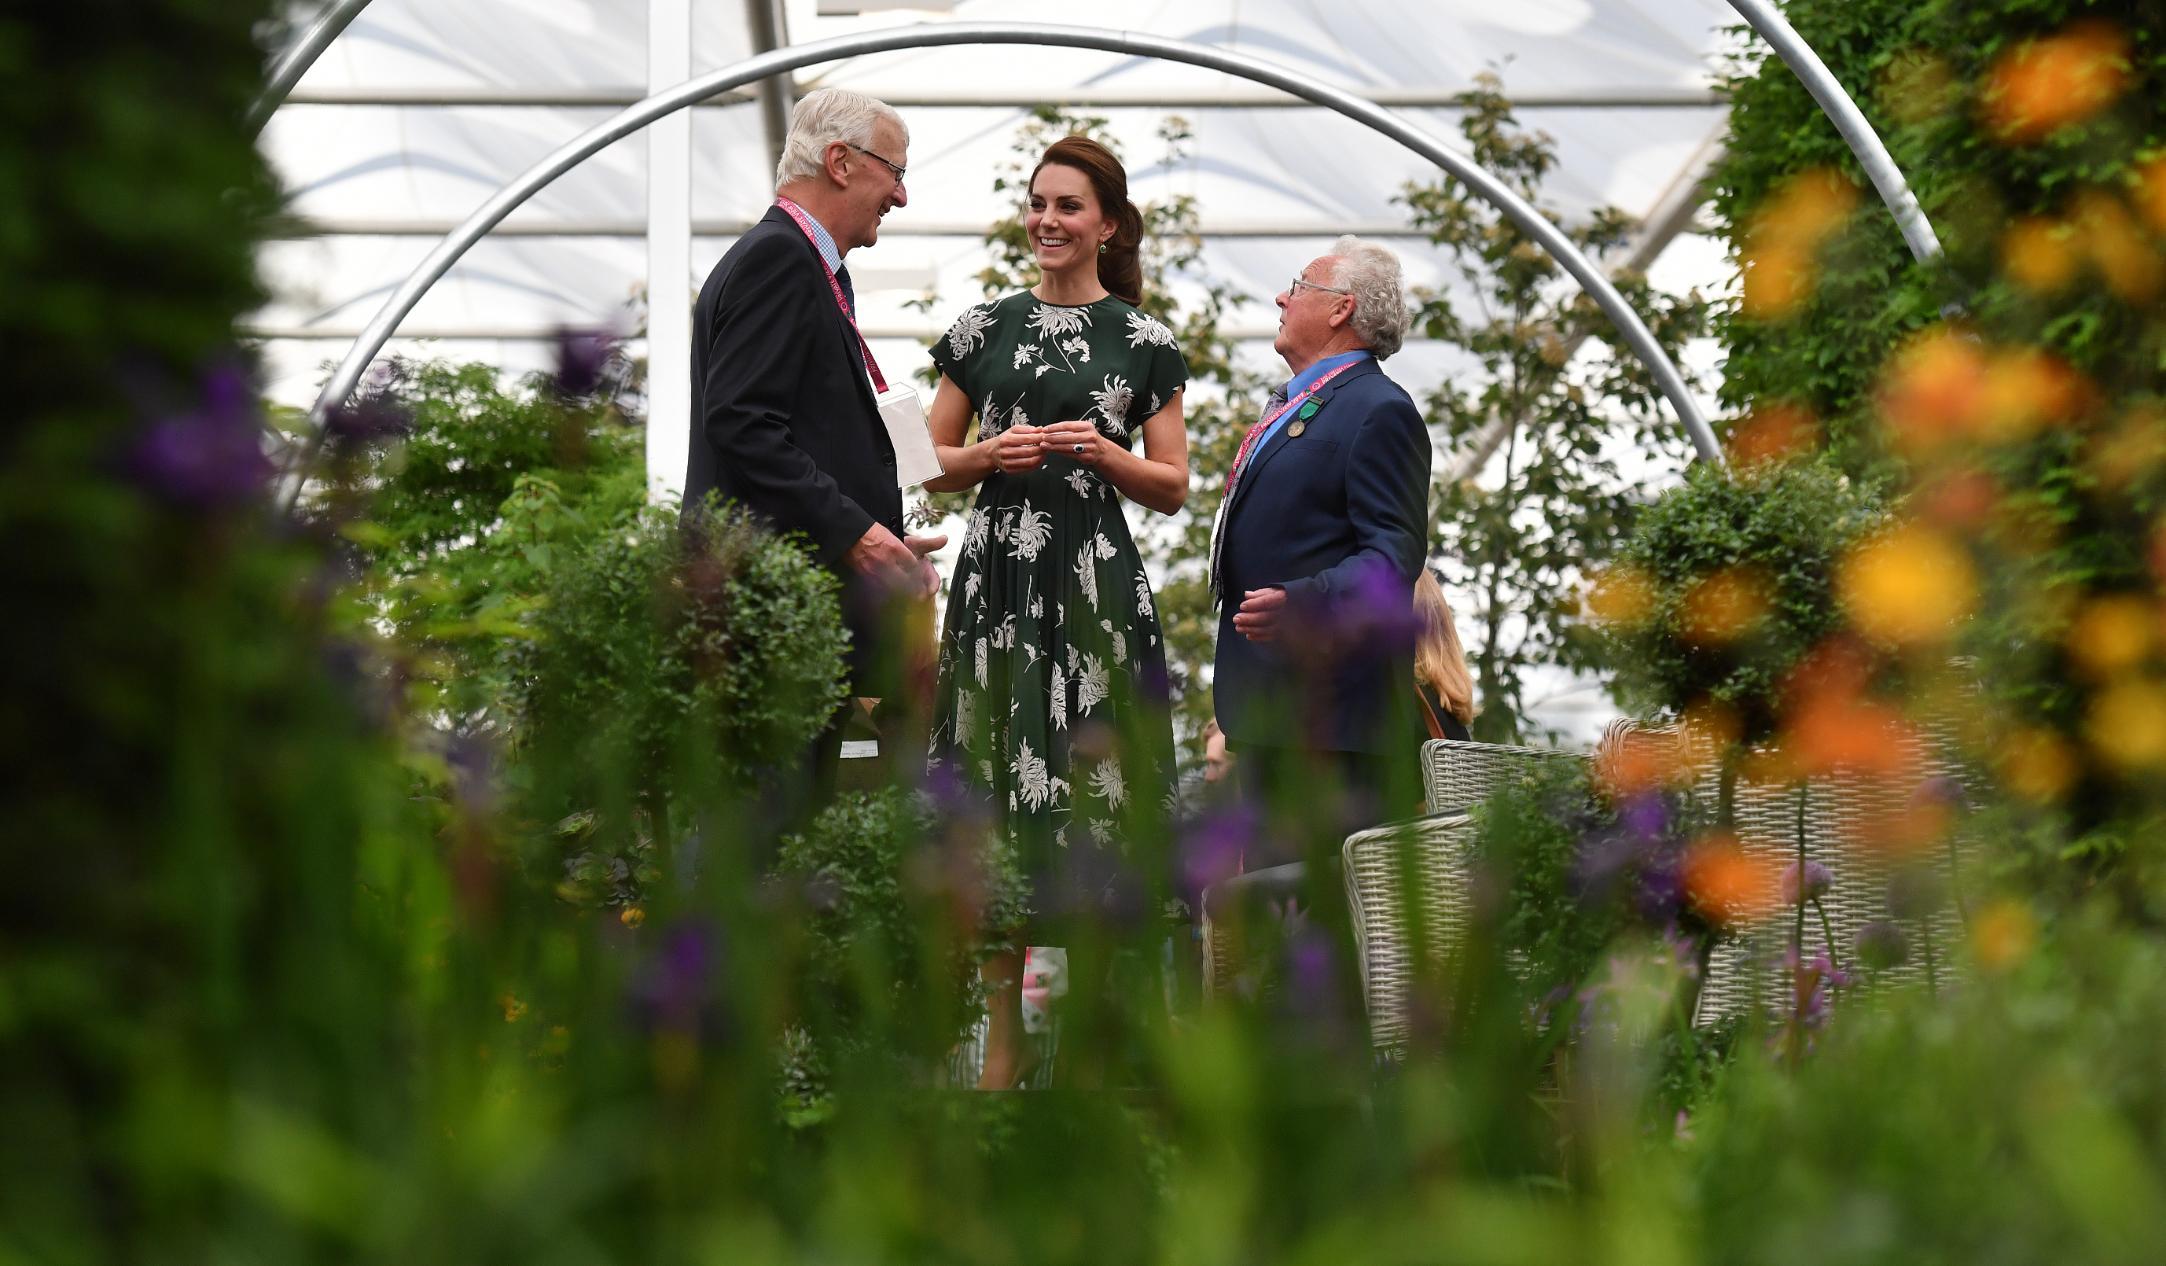 kate middleton: chelsea flower show garden plans unveiled - cnn style